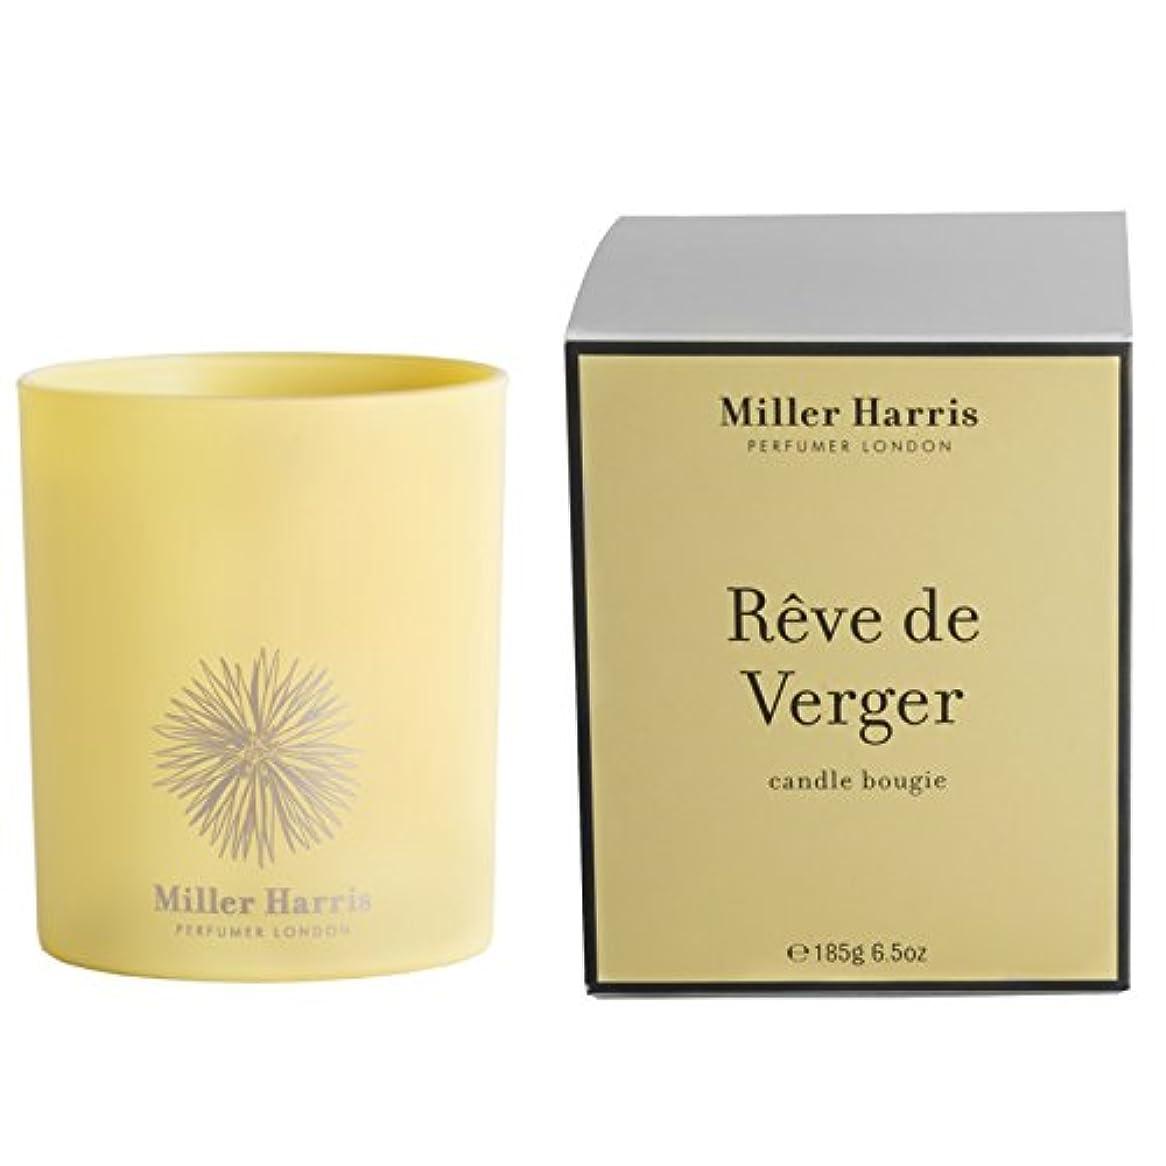 アリスクラシック作成者ミラーハリス Candle - Reve De Verger 185g/6.5oz並行輸入品